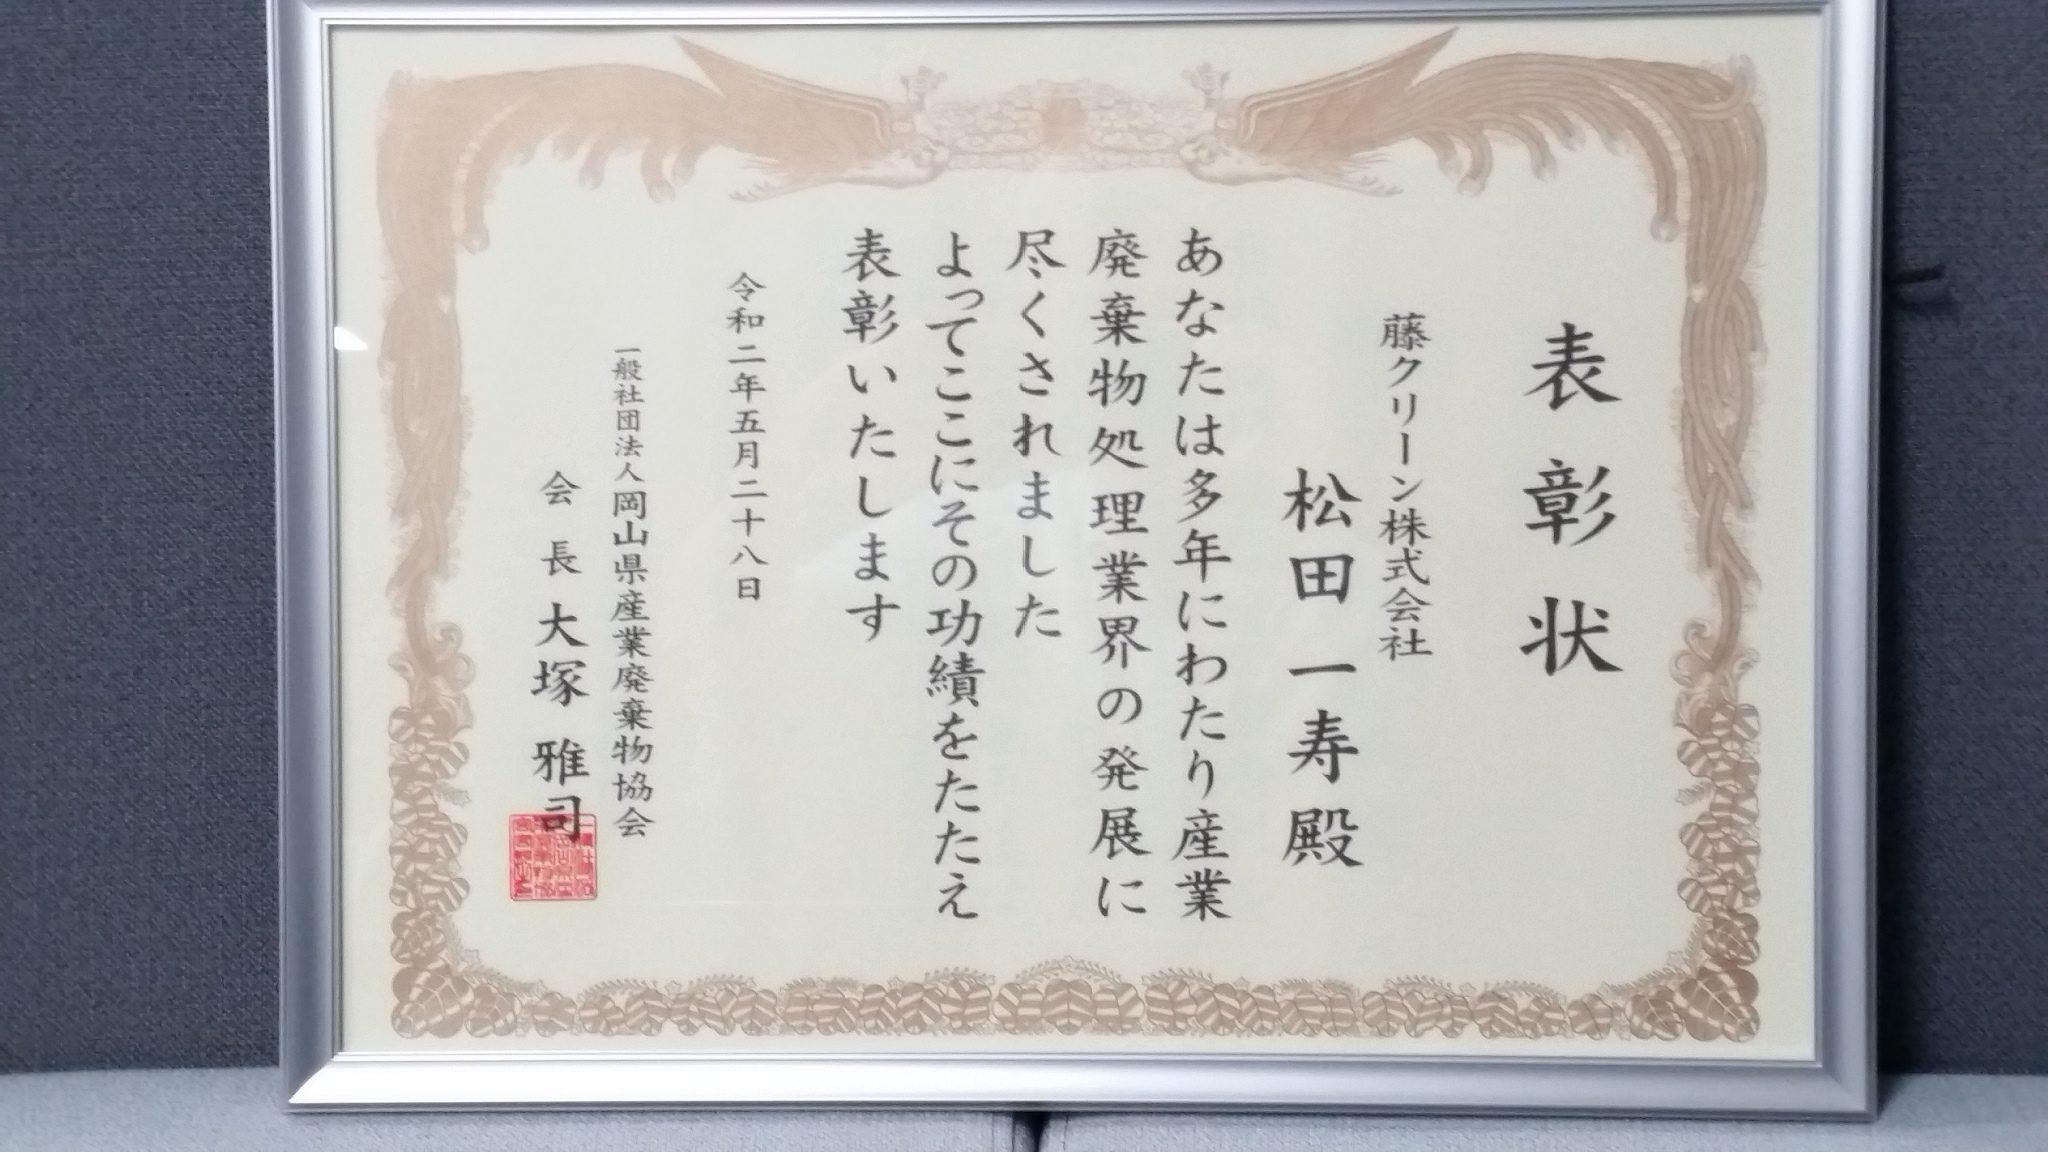 岡山県産業廃棄物協会様より表彰していただきました。